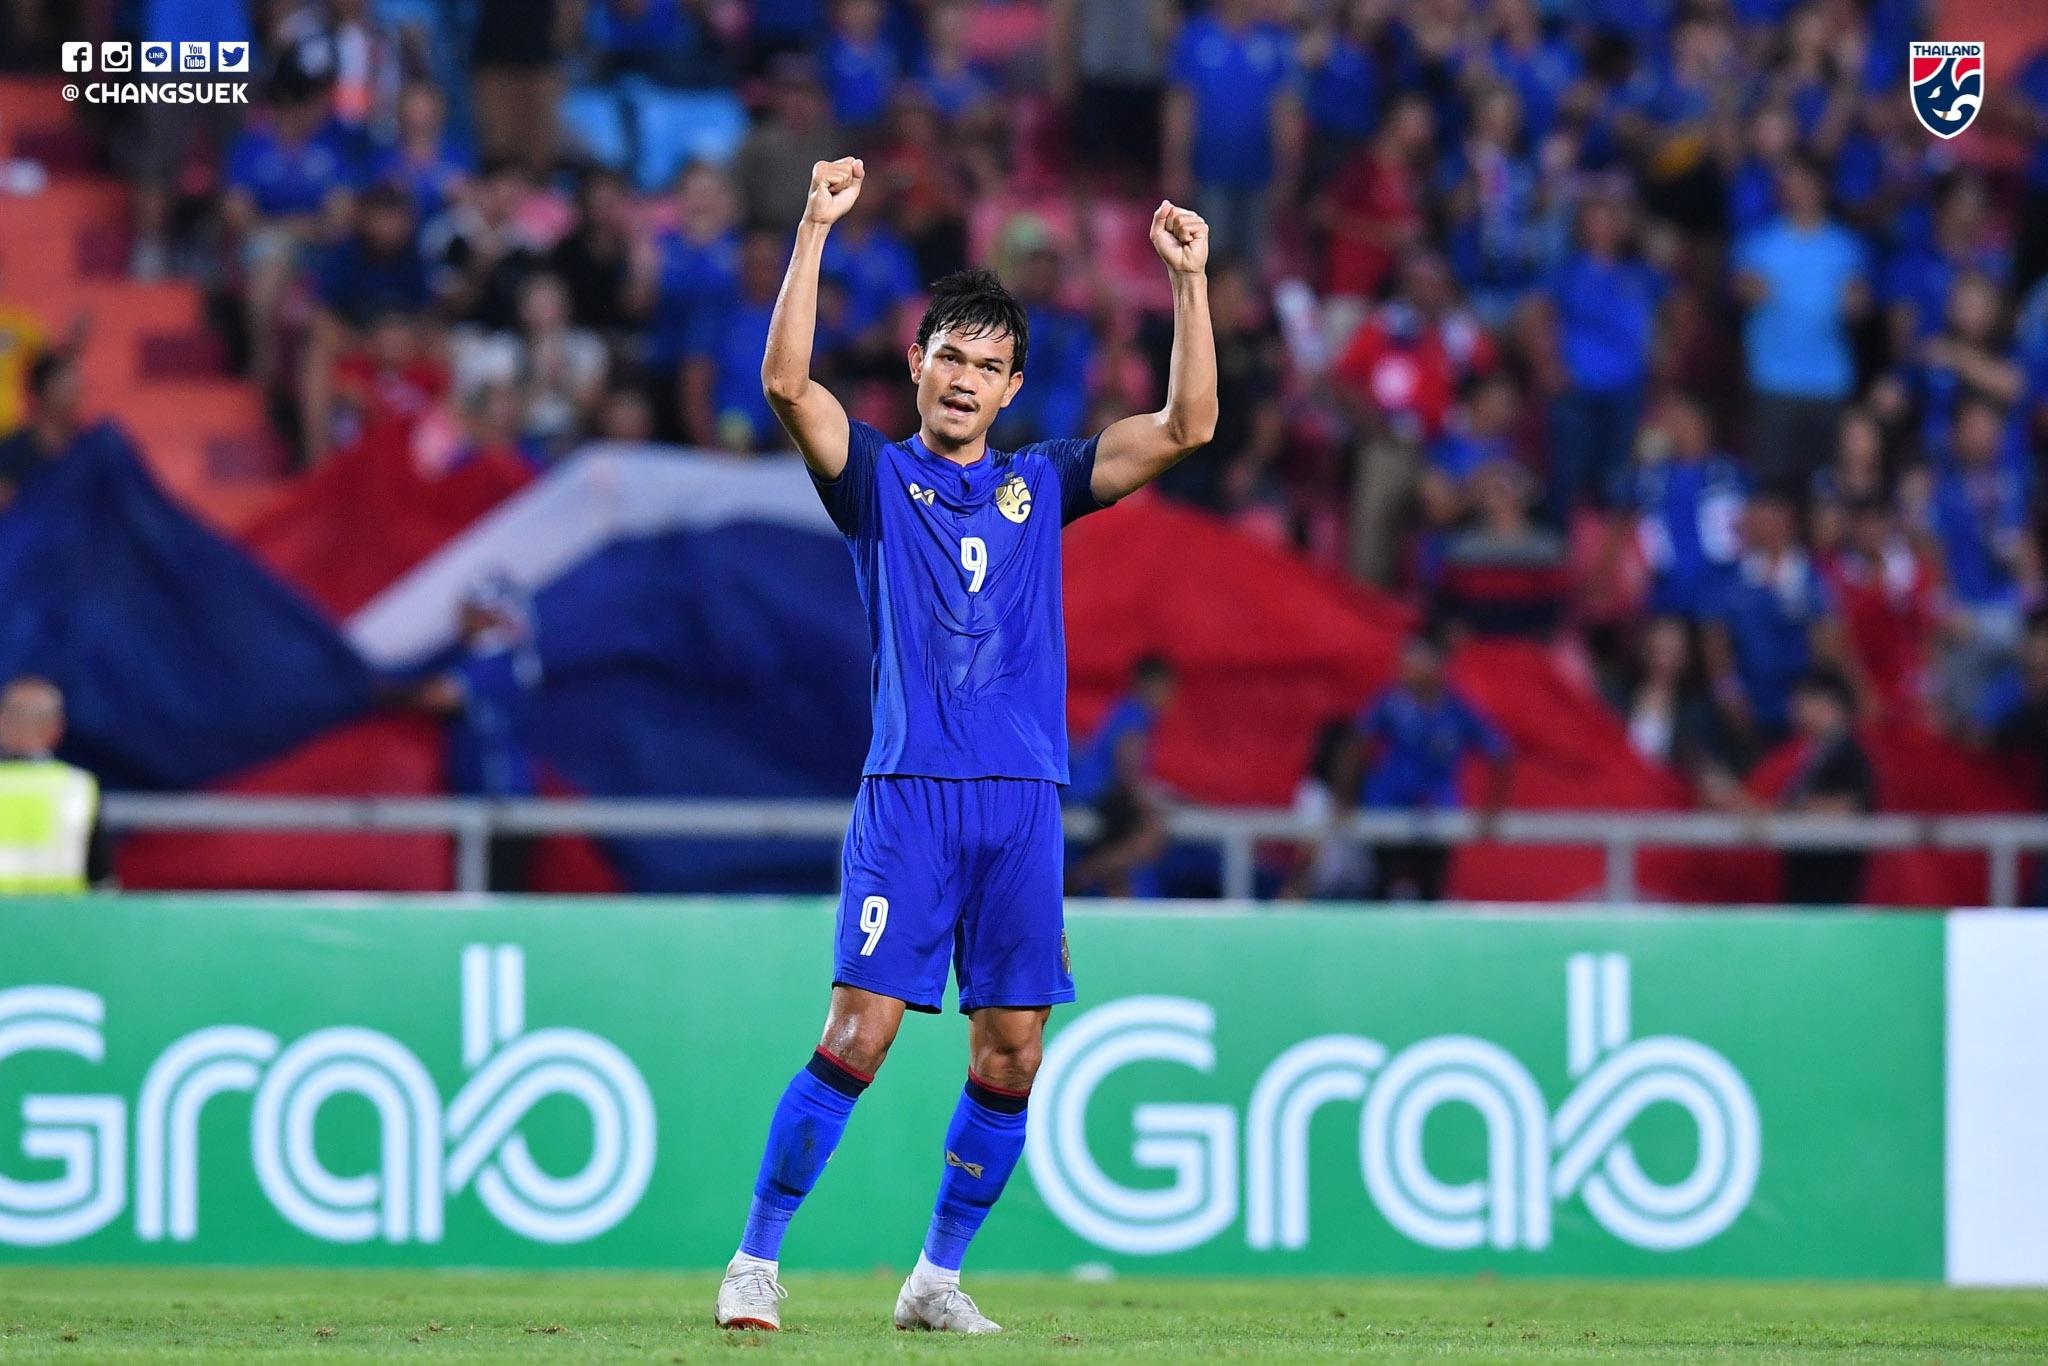 ผลการค้นหารูปภาพสำหรับ เกมไทยเชือดอินโดฯ ขึ้นแท่นอันดับ 2 คนดูเยอะสุด ซูซูกิ คัพ 2018